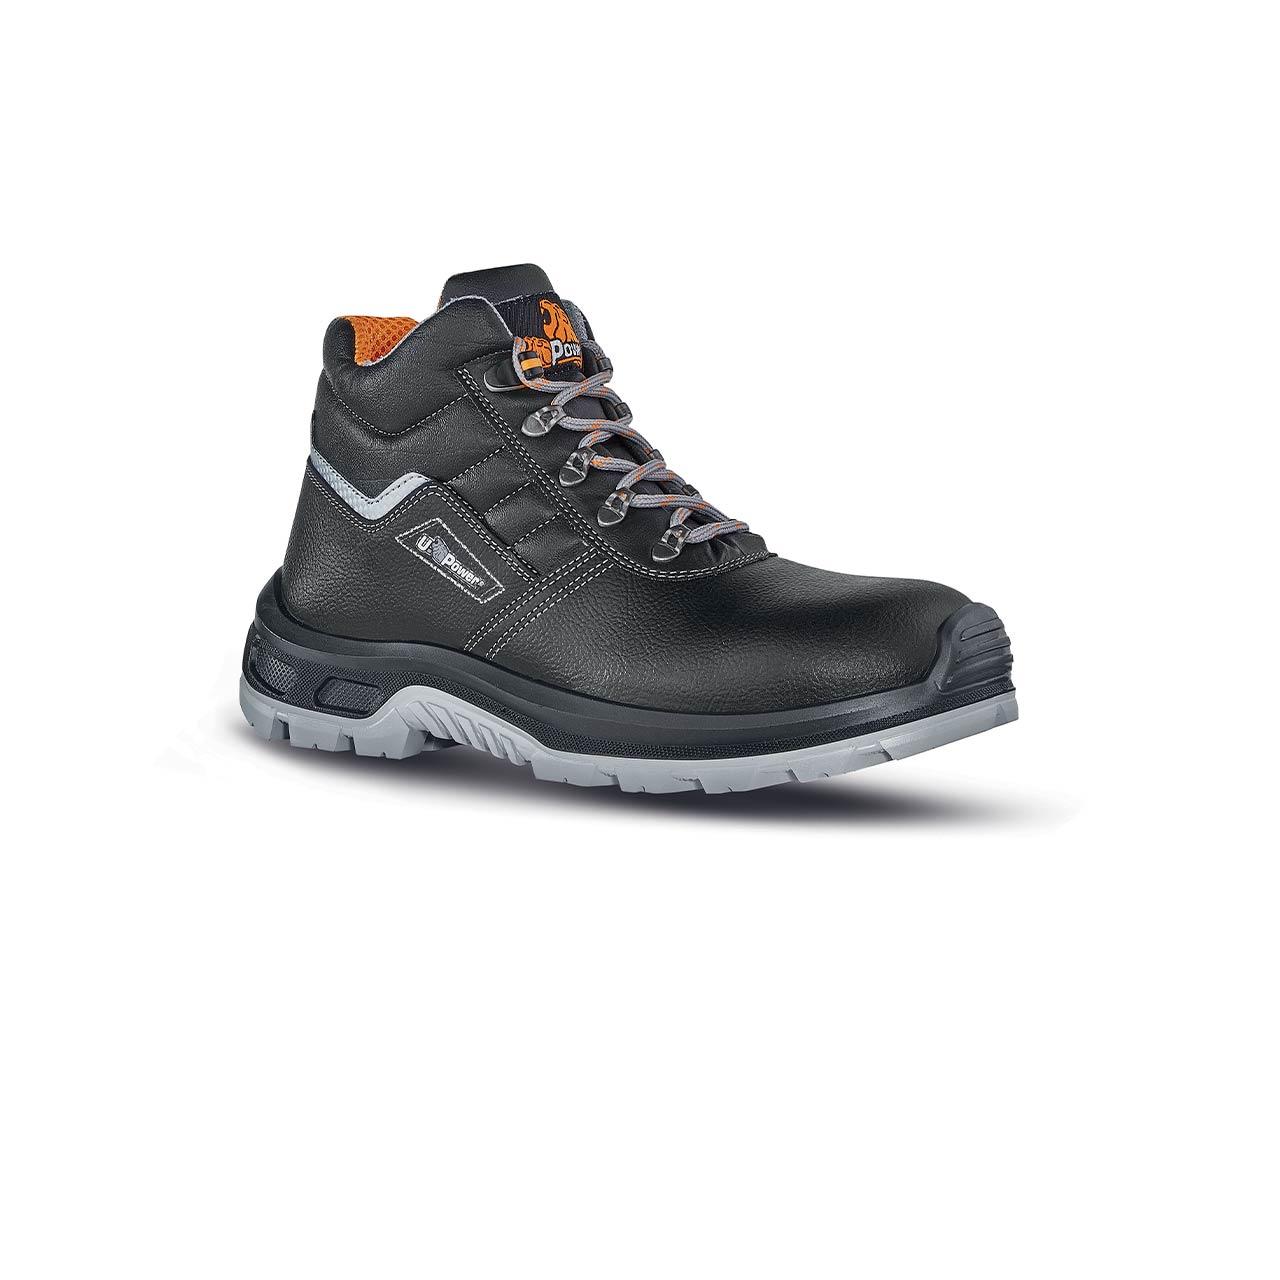 scarpa antinfortunistica upower modello innovation linea stepone vista laterale